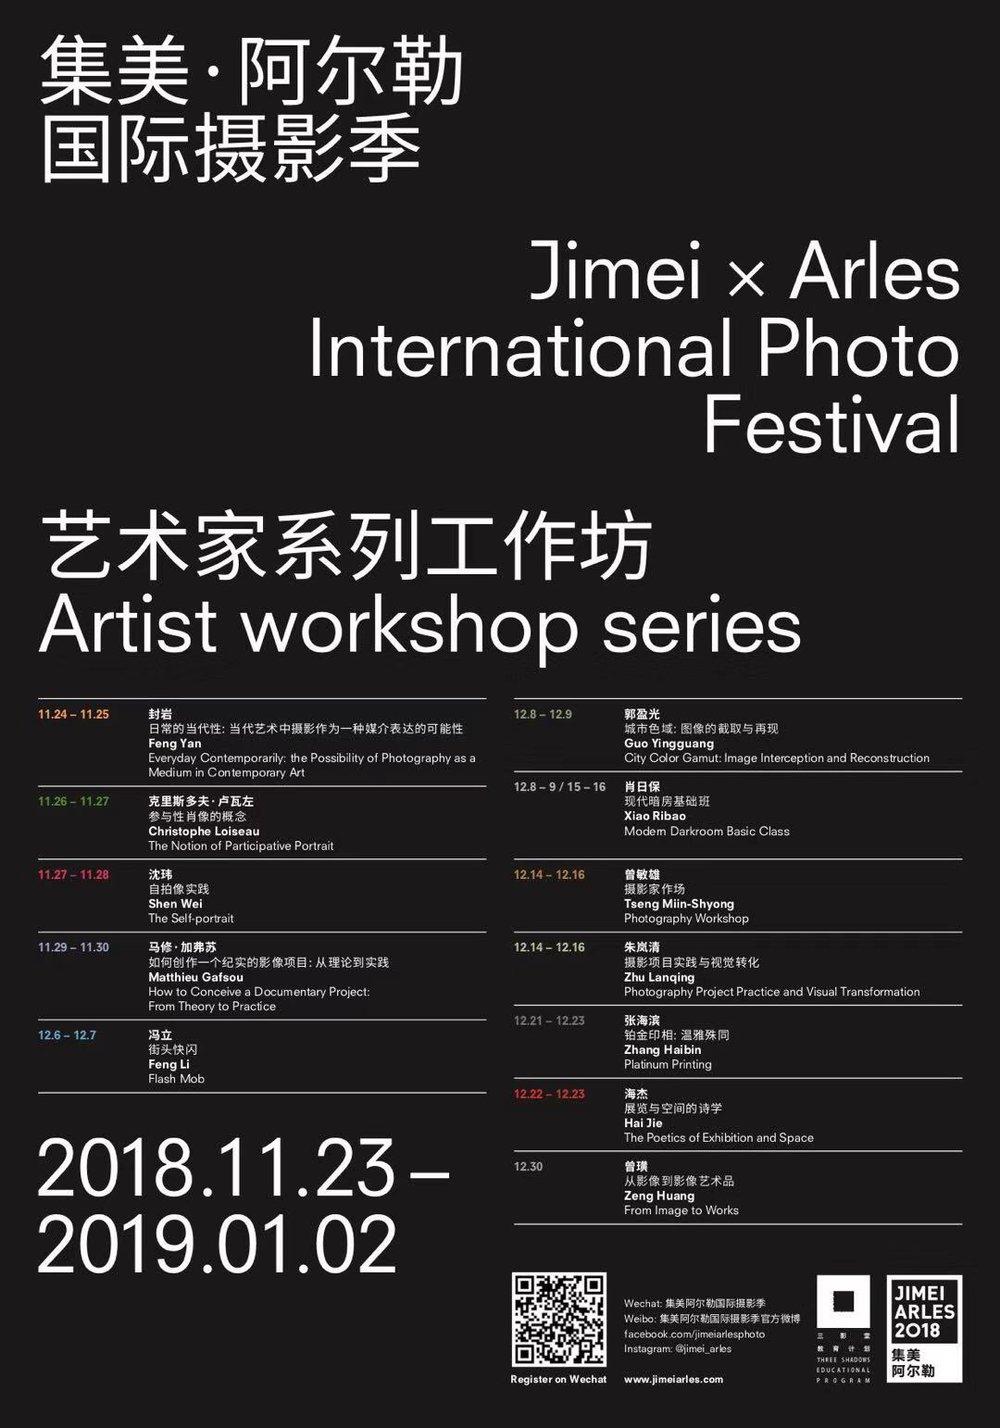 JIMEIARLES_Workshop Poster_Digital_General.jpg